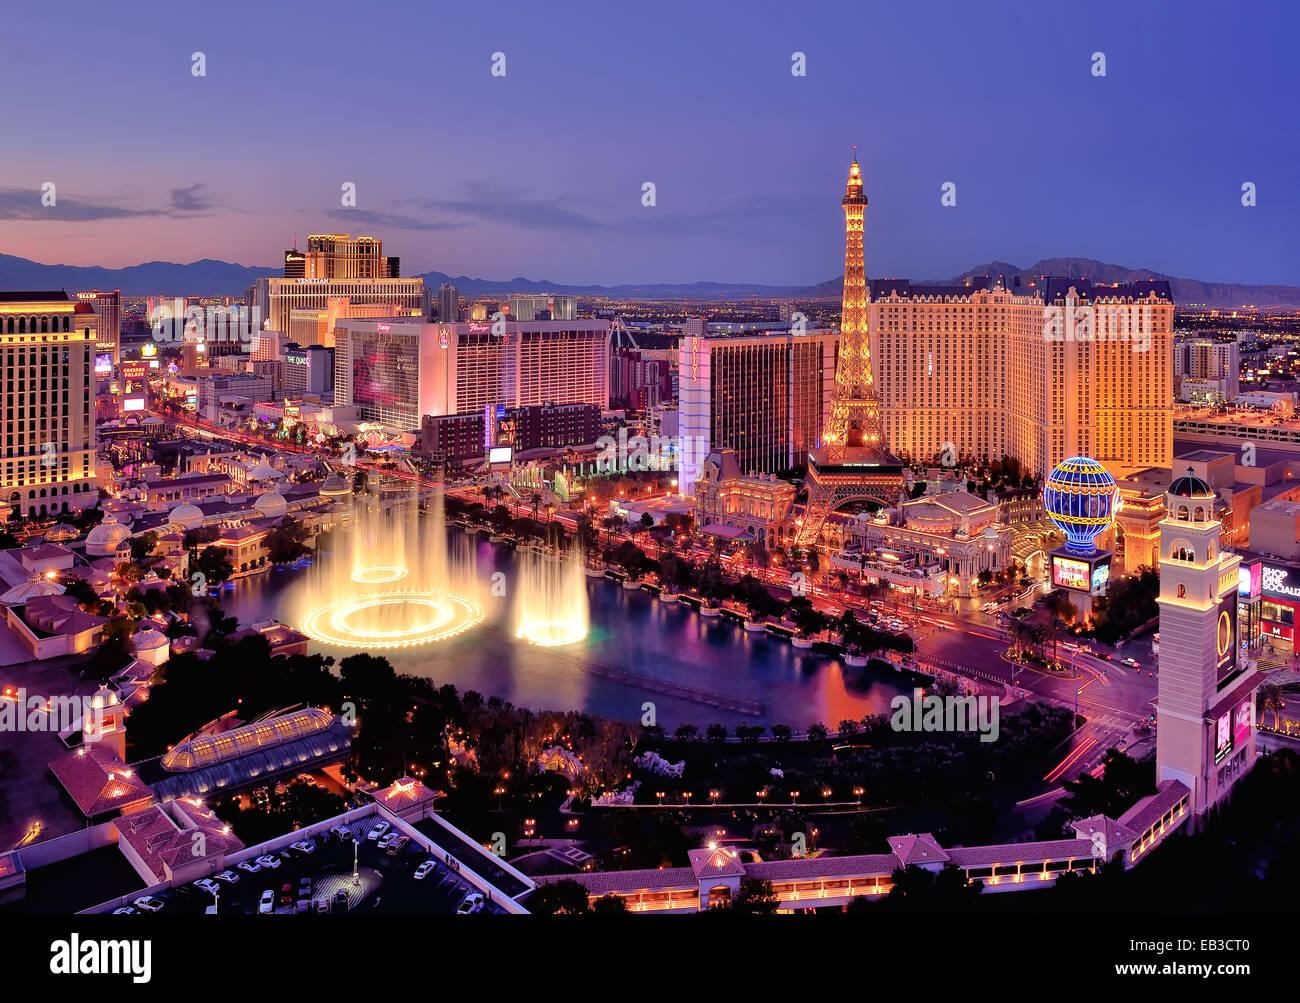 City Skyline bei Nacht mit Bellagio Hotel Wasser Brunnen, Las Vegas, Nevada, America, USA Stockbild